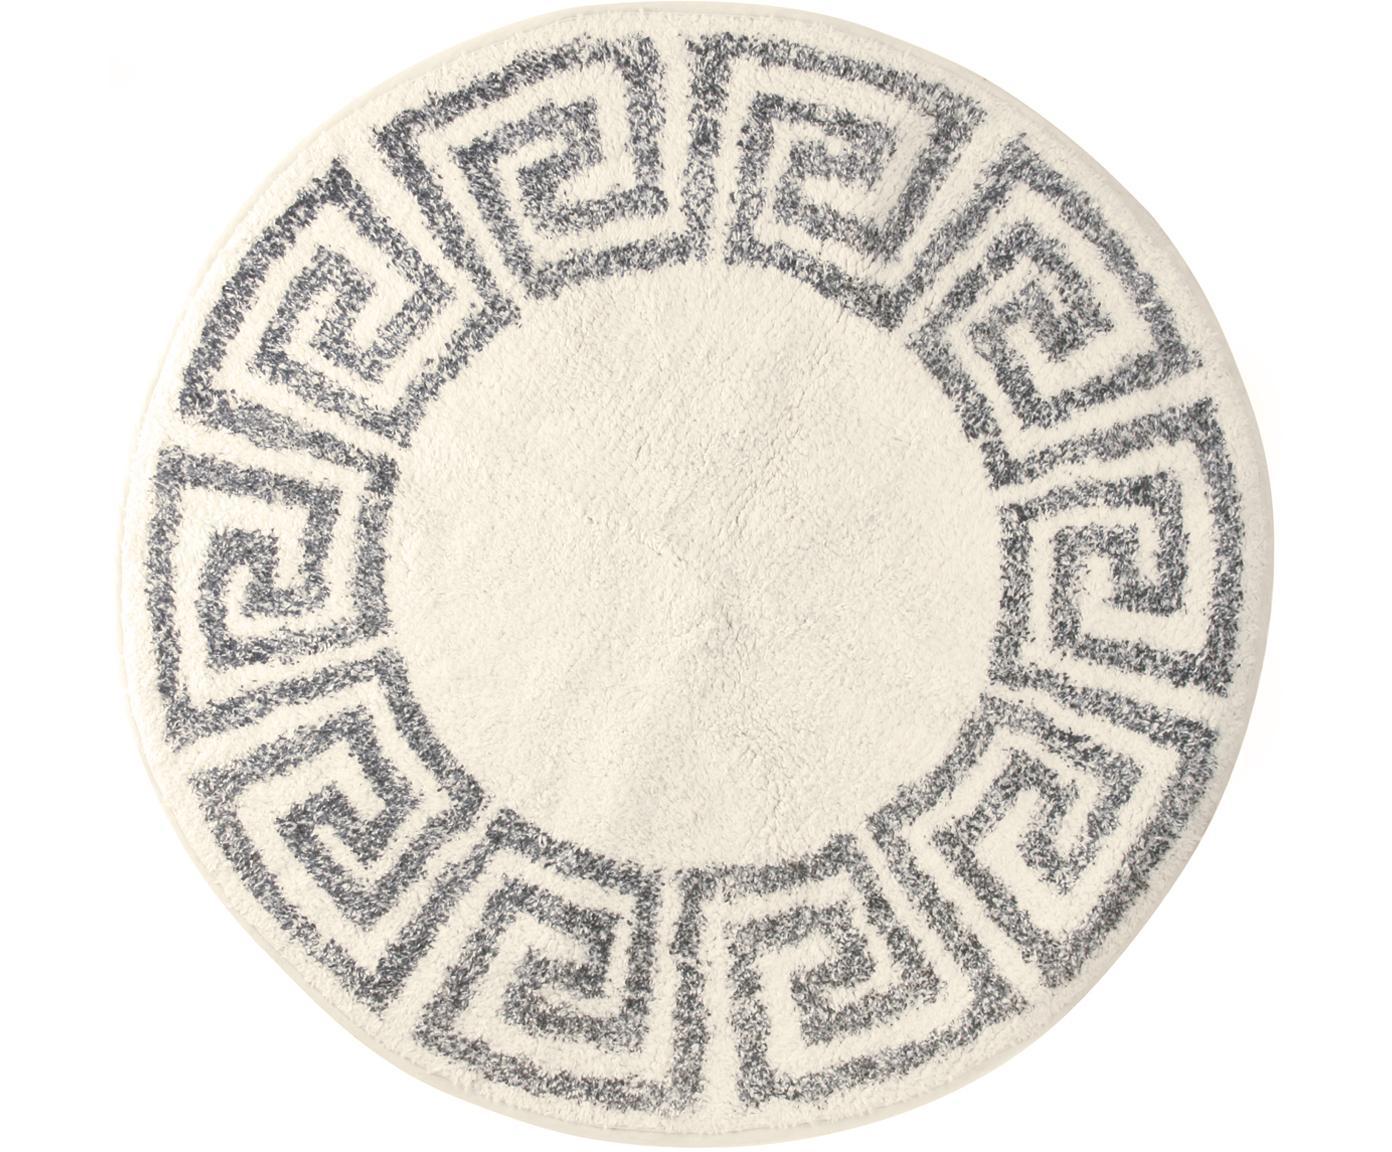 Ronde badmat Greek, Bovenzijde: katoen, Onderzijde: siliconen, Crèmekleurig, grijs, Ø 80 cm